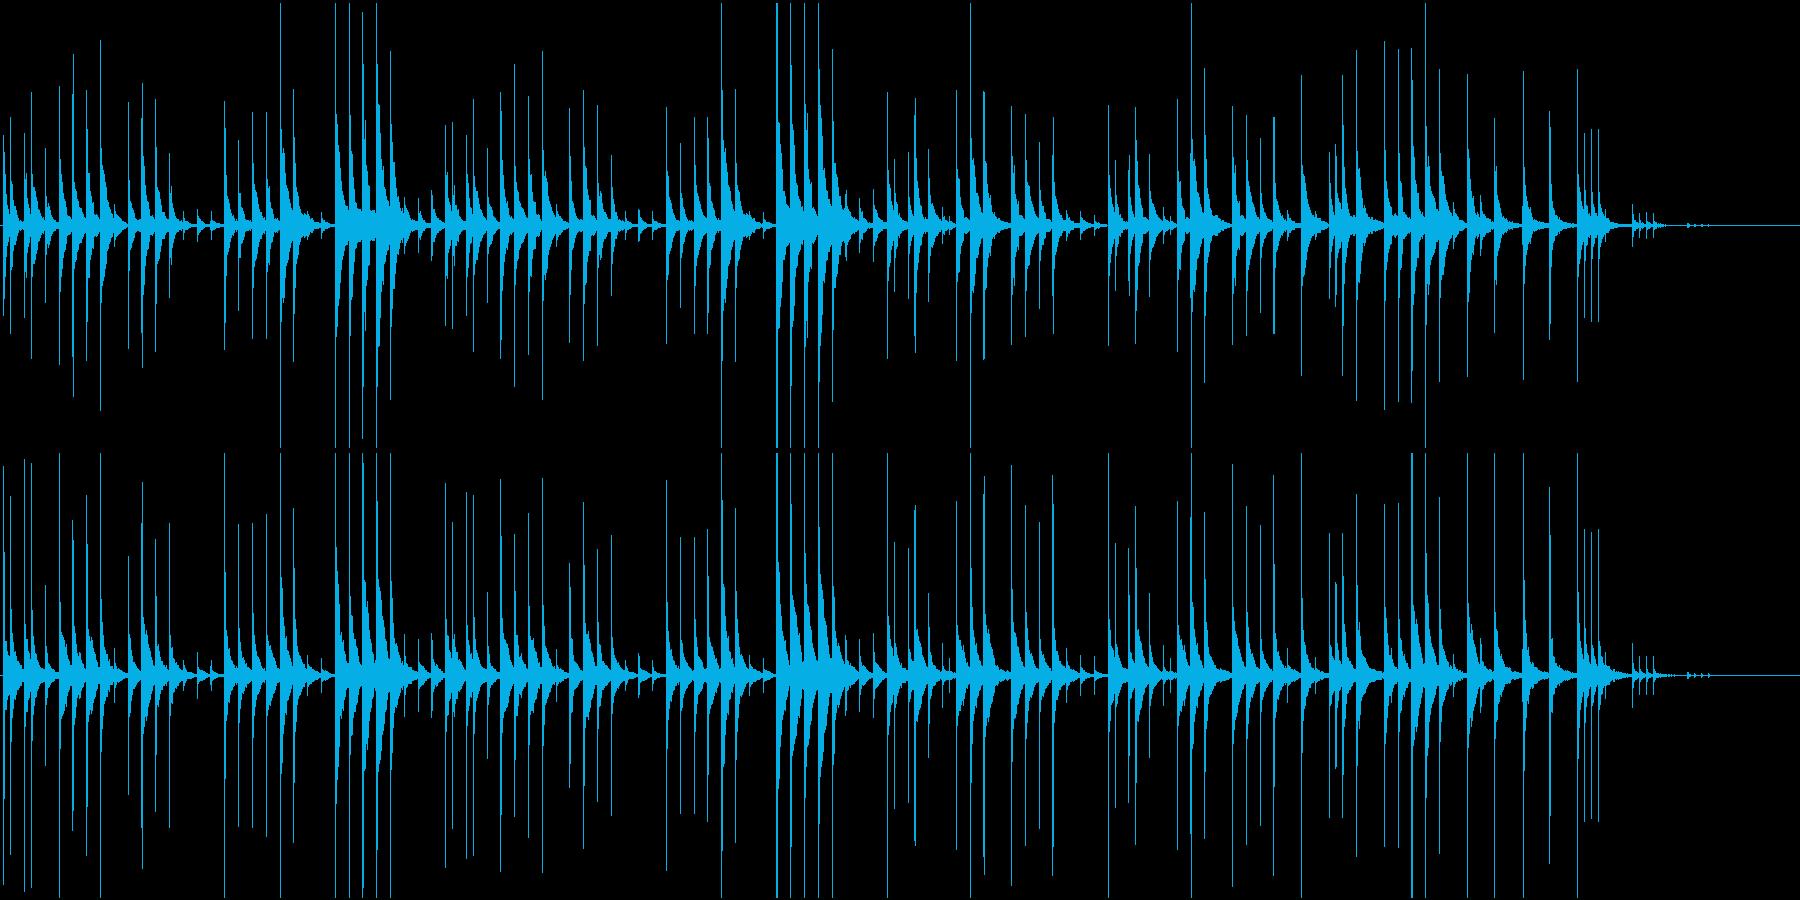 ディレイ仕様の木琴の再生済みの波形